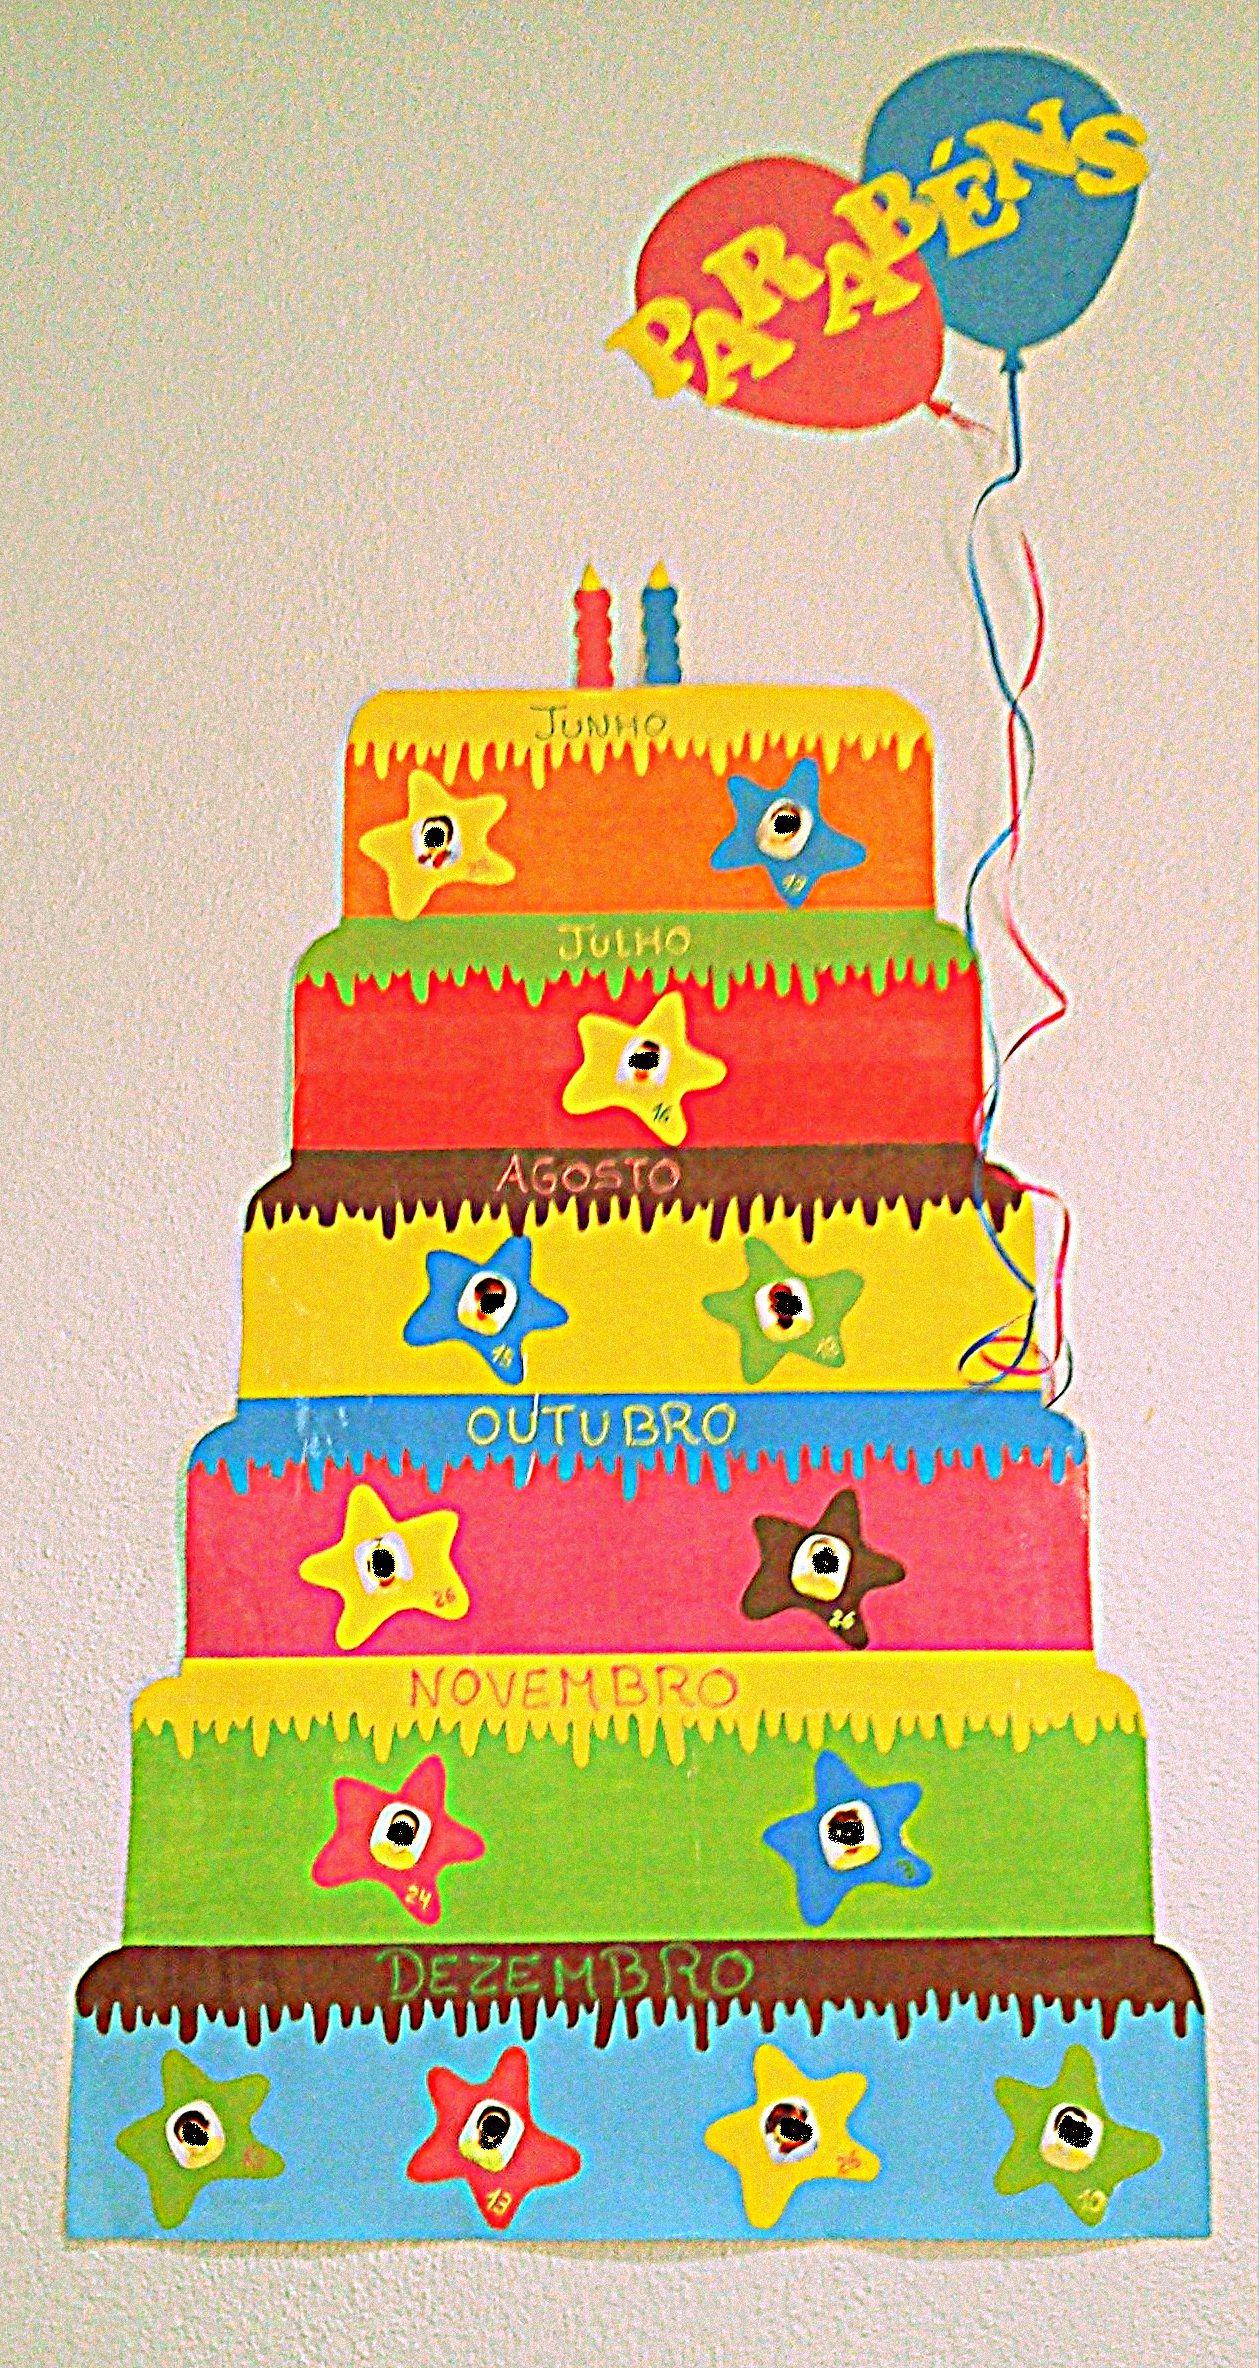 mapa de aniversários creche mapa de aniversarios | Mapas de aniversário | Pinterest | Birthday  mapa de aniversários creche